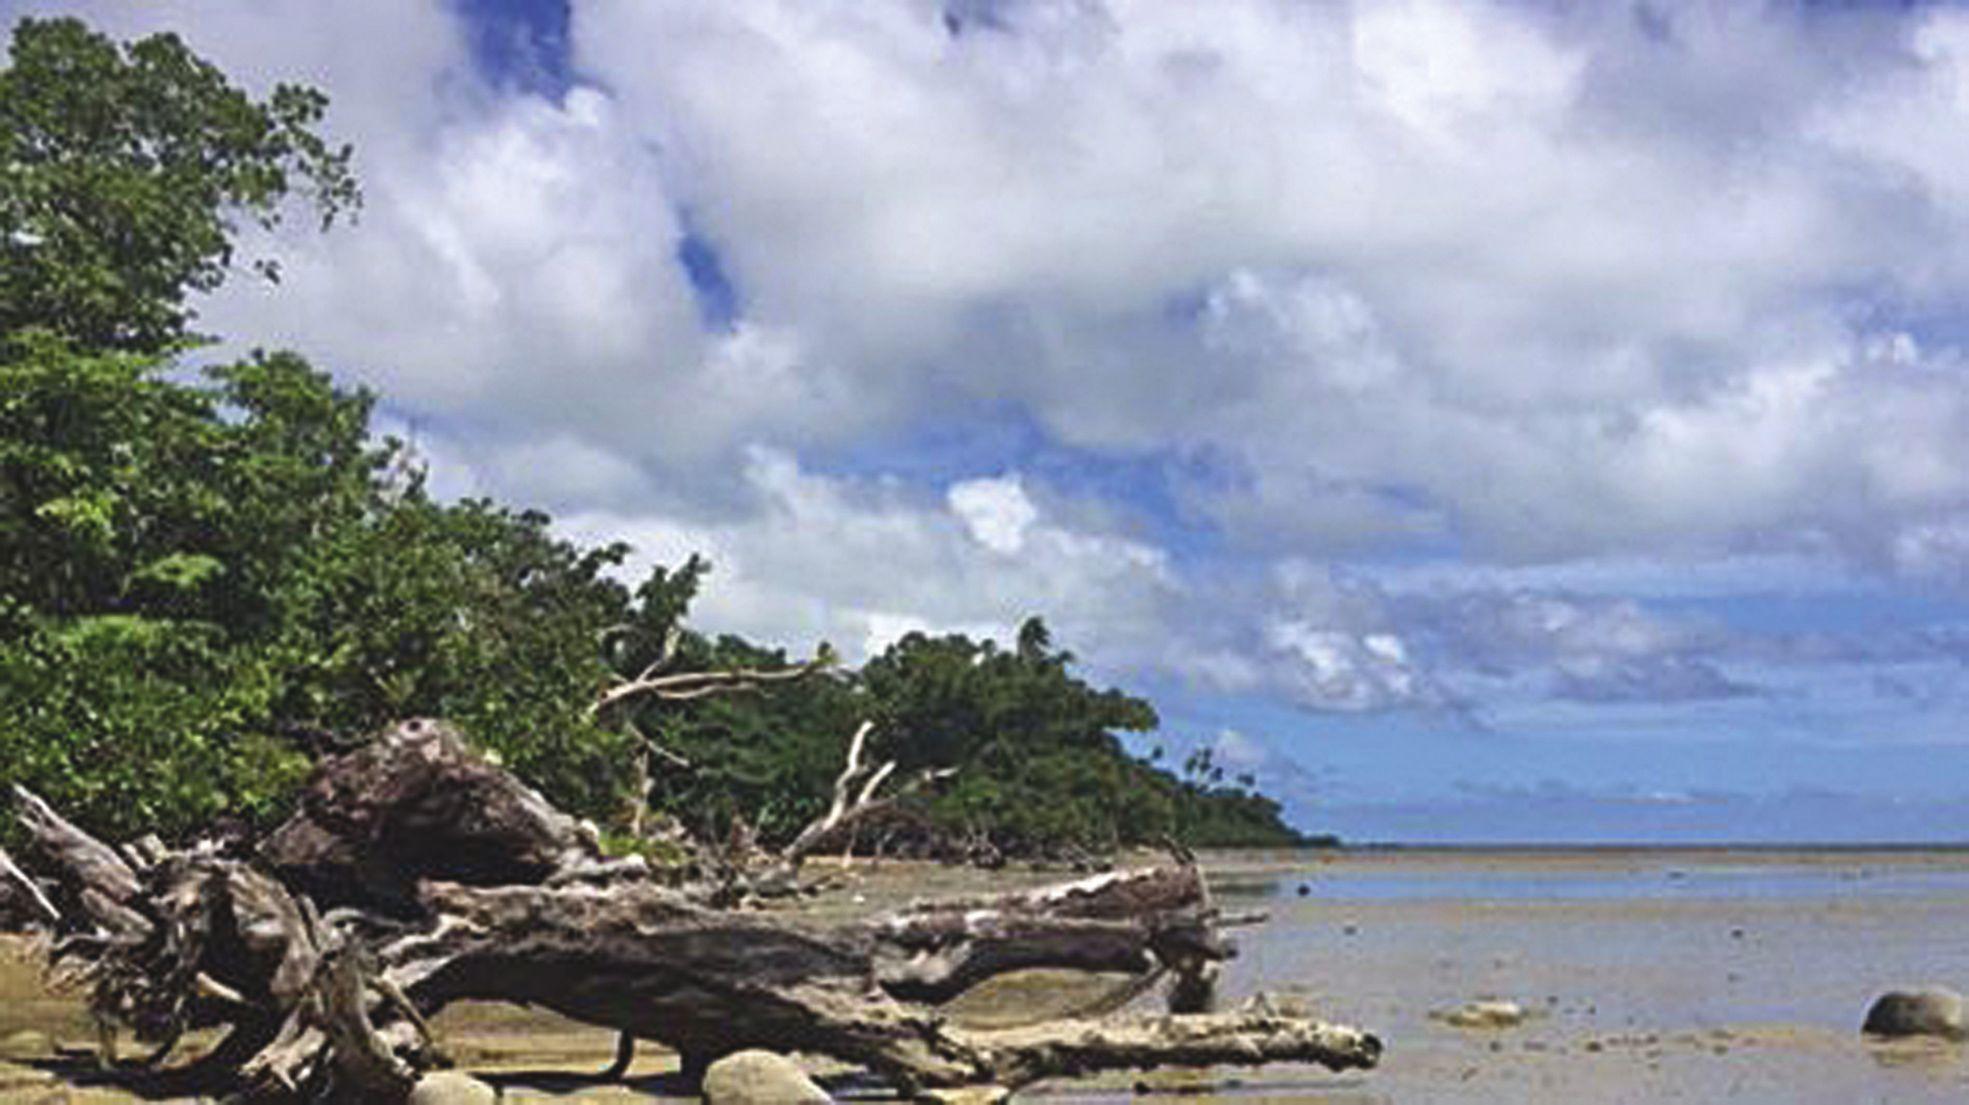 En 1990, une vaste plage de sable s'étendait à Utupoa. Il ne reste plus que la marne et des troncs morts.